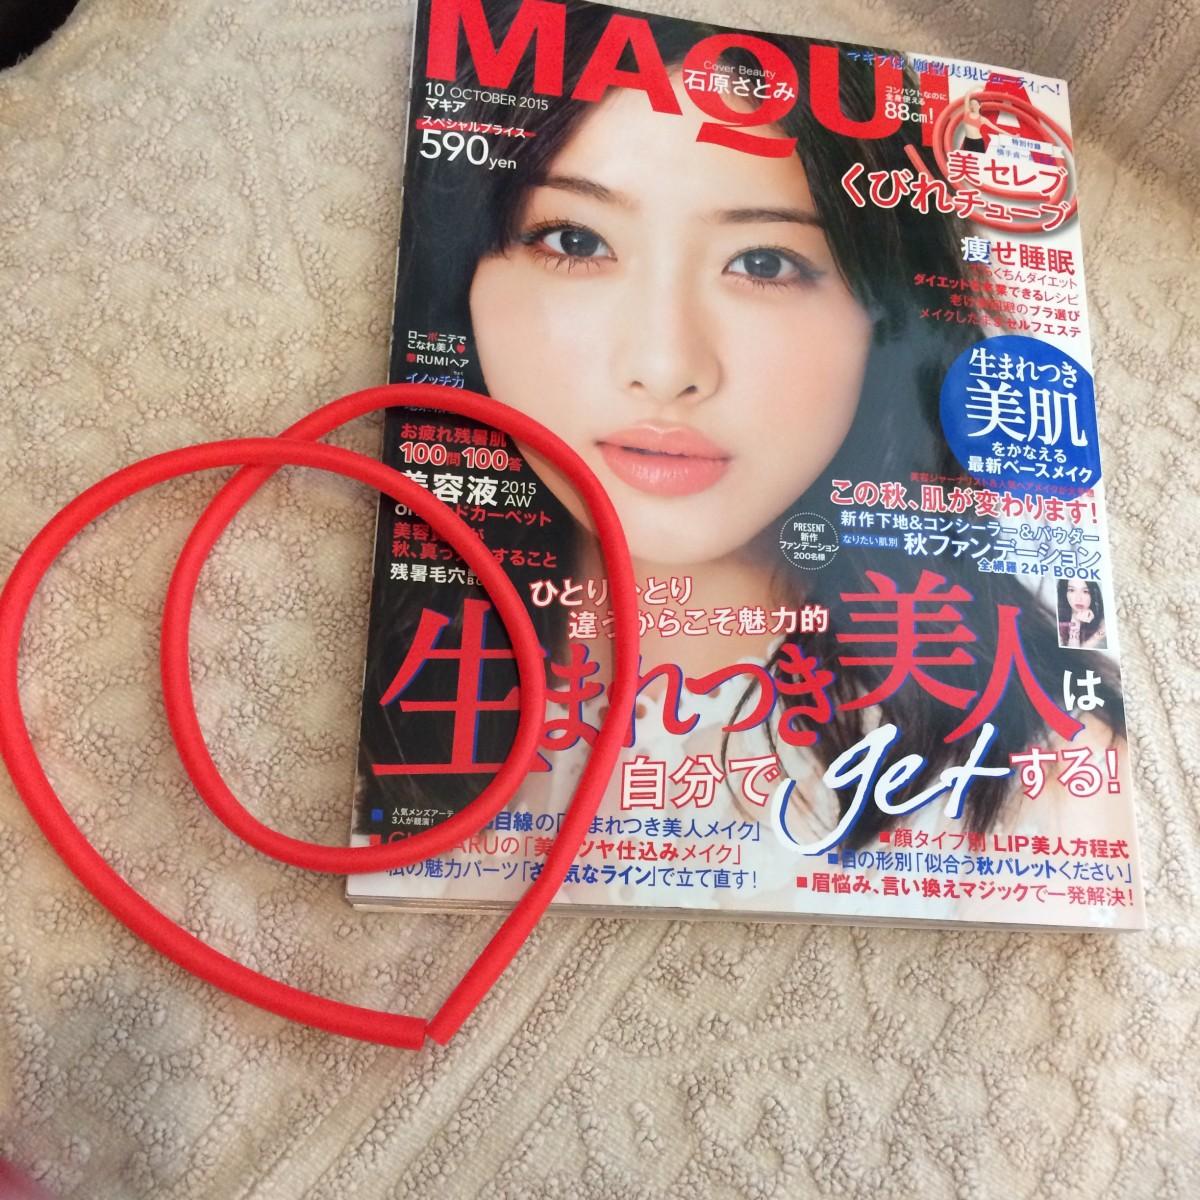 10月号発売と同時に買った秋新色&見逃せない記事♡